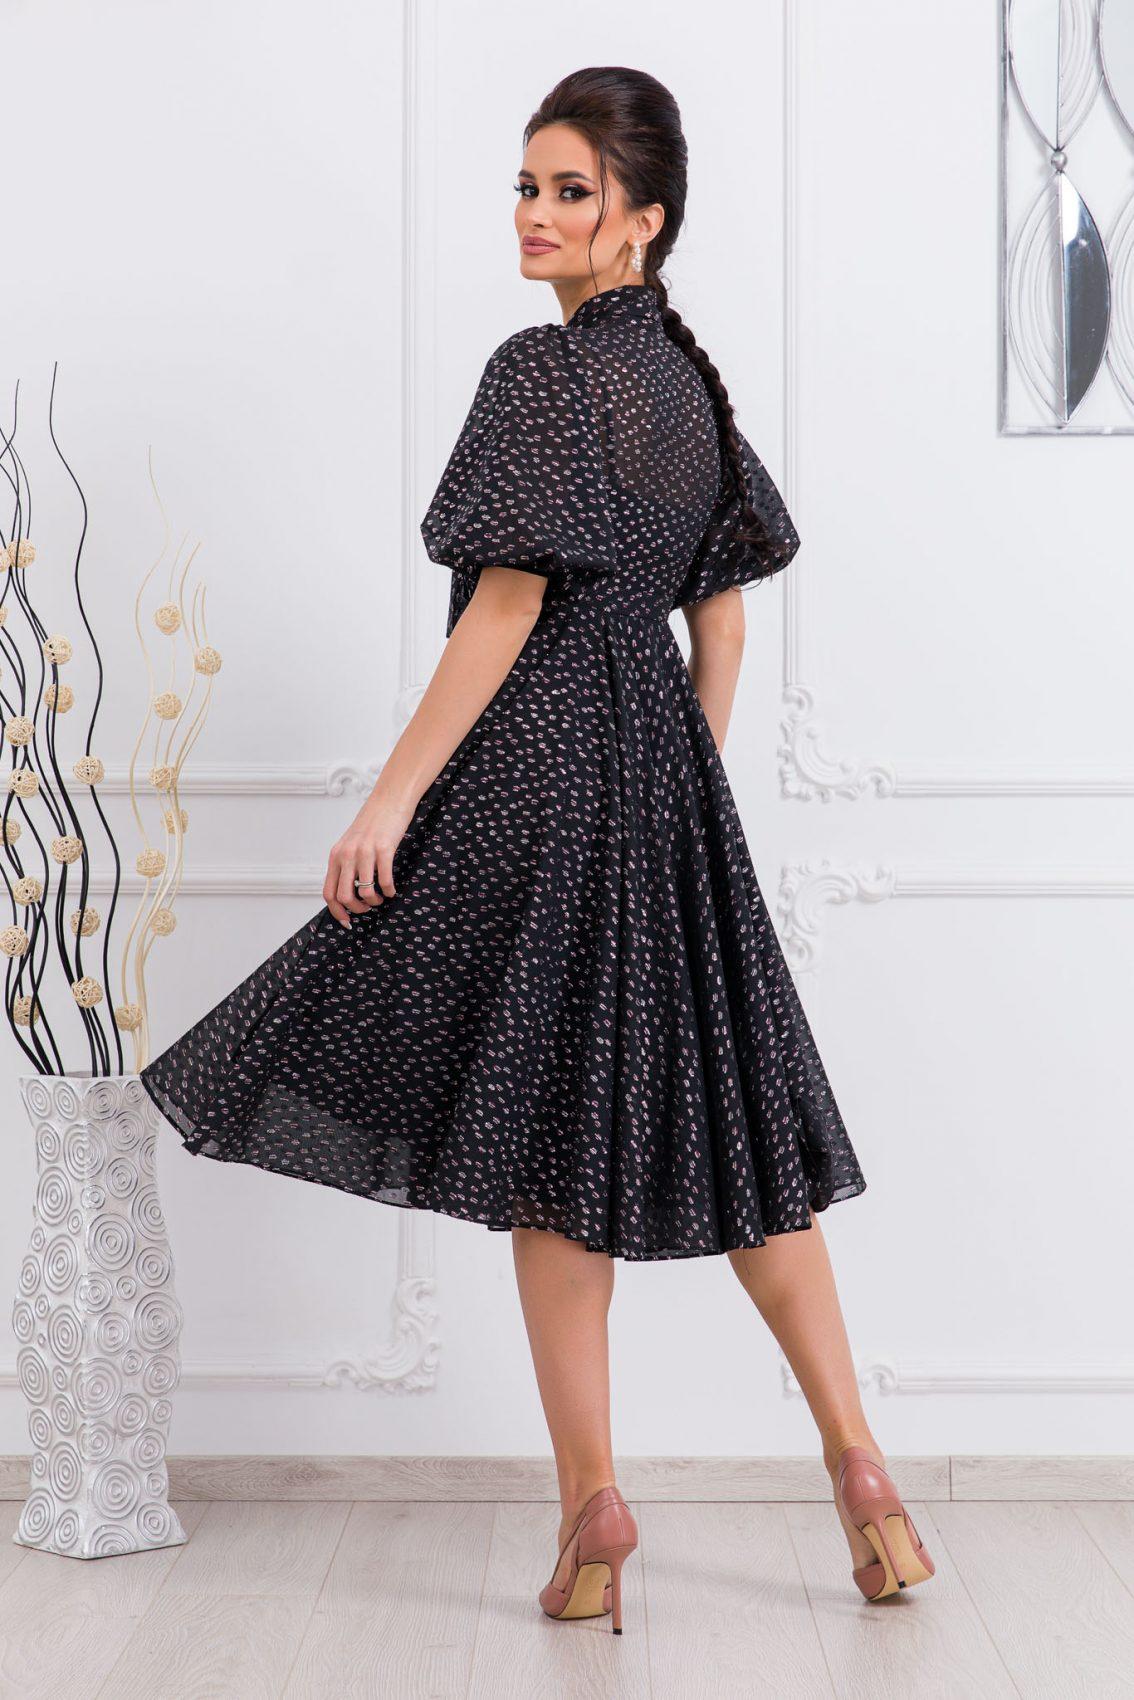 Μαύρο Βραδινό Φόρεμα Με Φιόγκο Sensational 9740 2